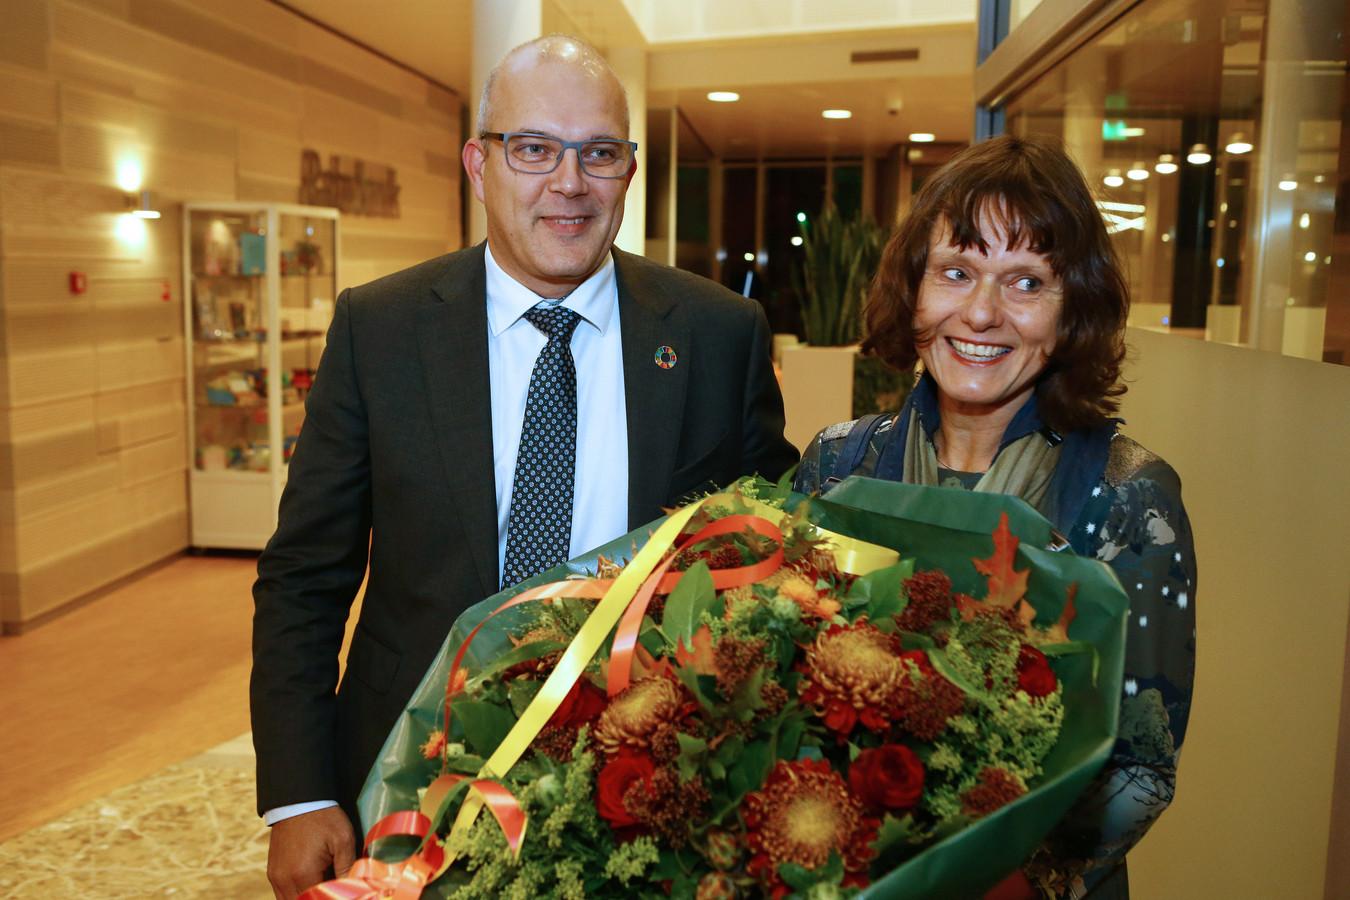 Egbert Lichtenberg (52) en zijn vrouw Nienke werden dinsdagavond warm onthaald in het gemeentehuis in Almkerk.